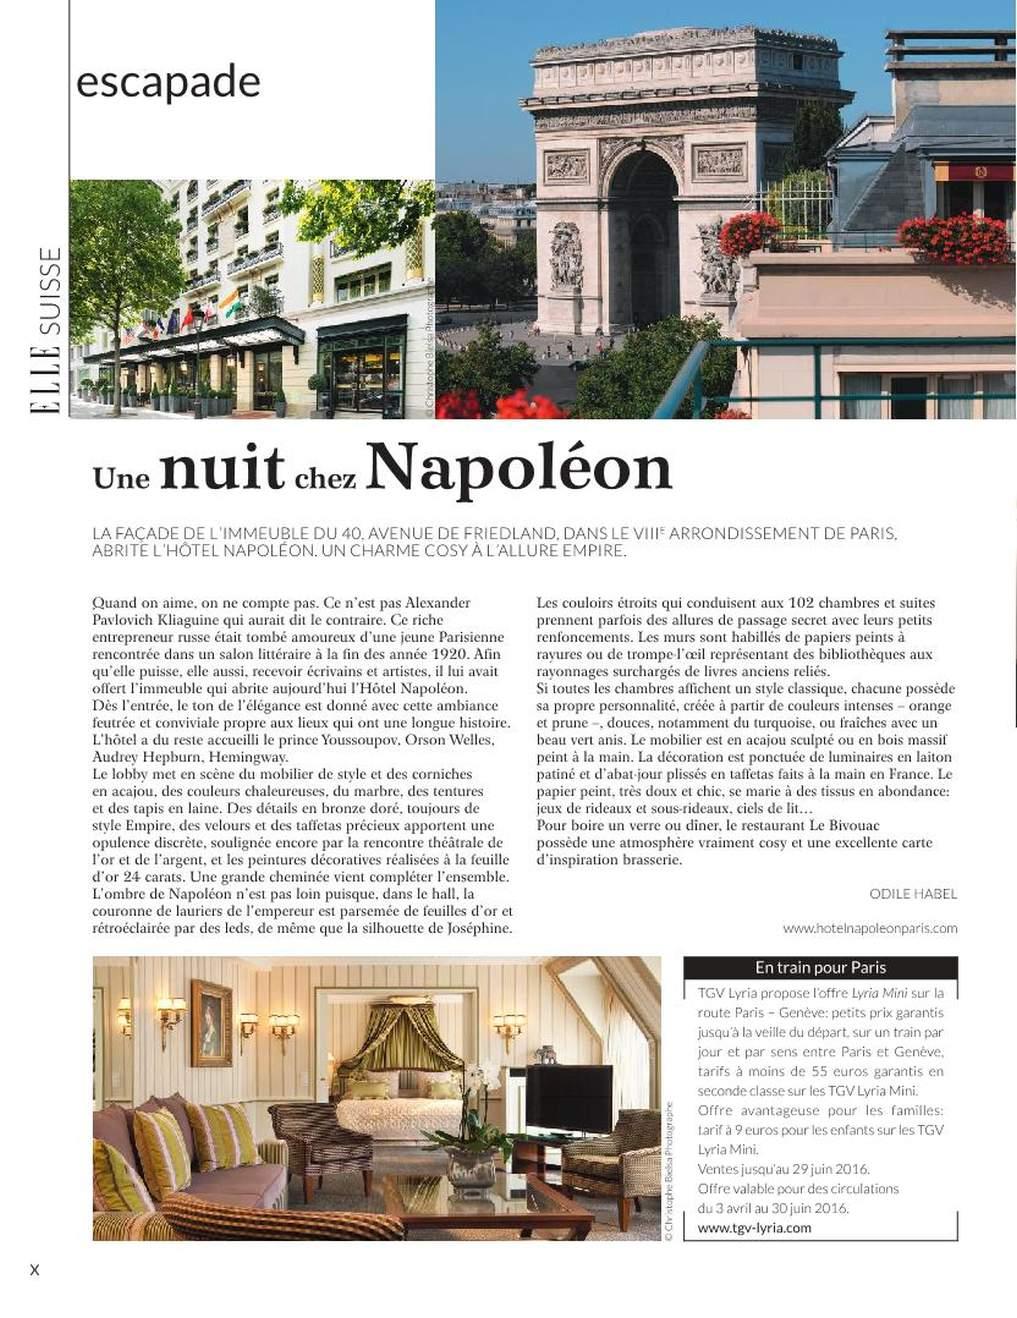 Escapade chez Napoléon